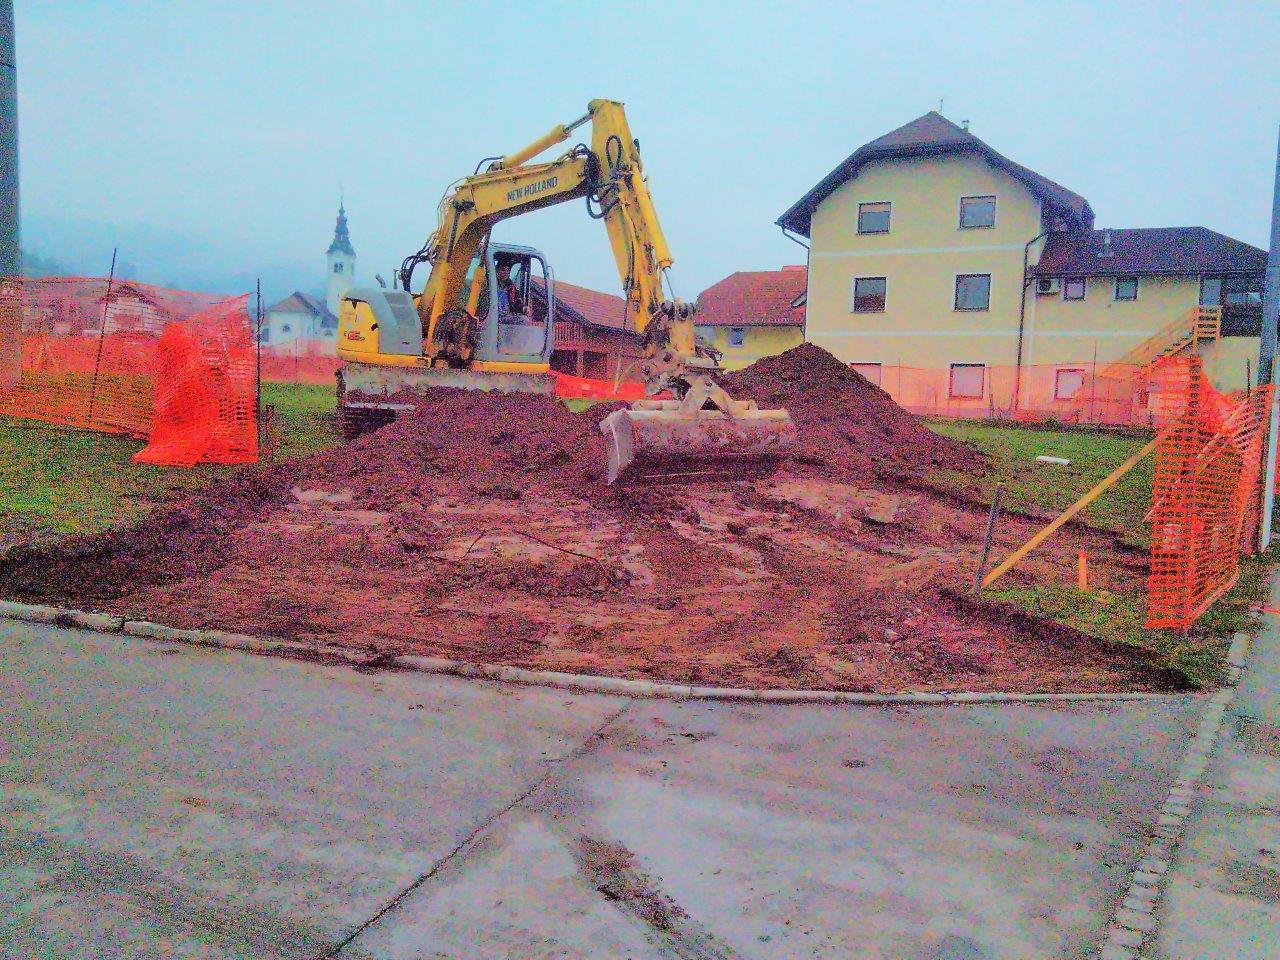 Začelo se je: Pričela se je gradnja težko pričakovanega gasilskega doma! 28.3.2018